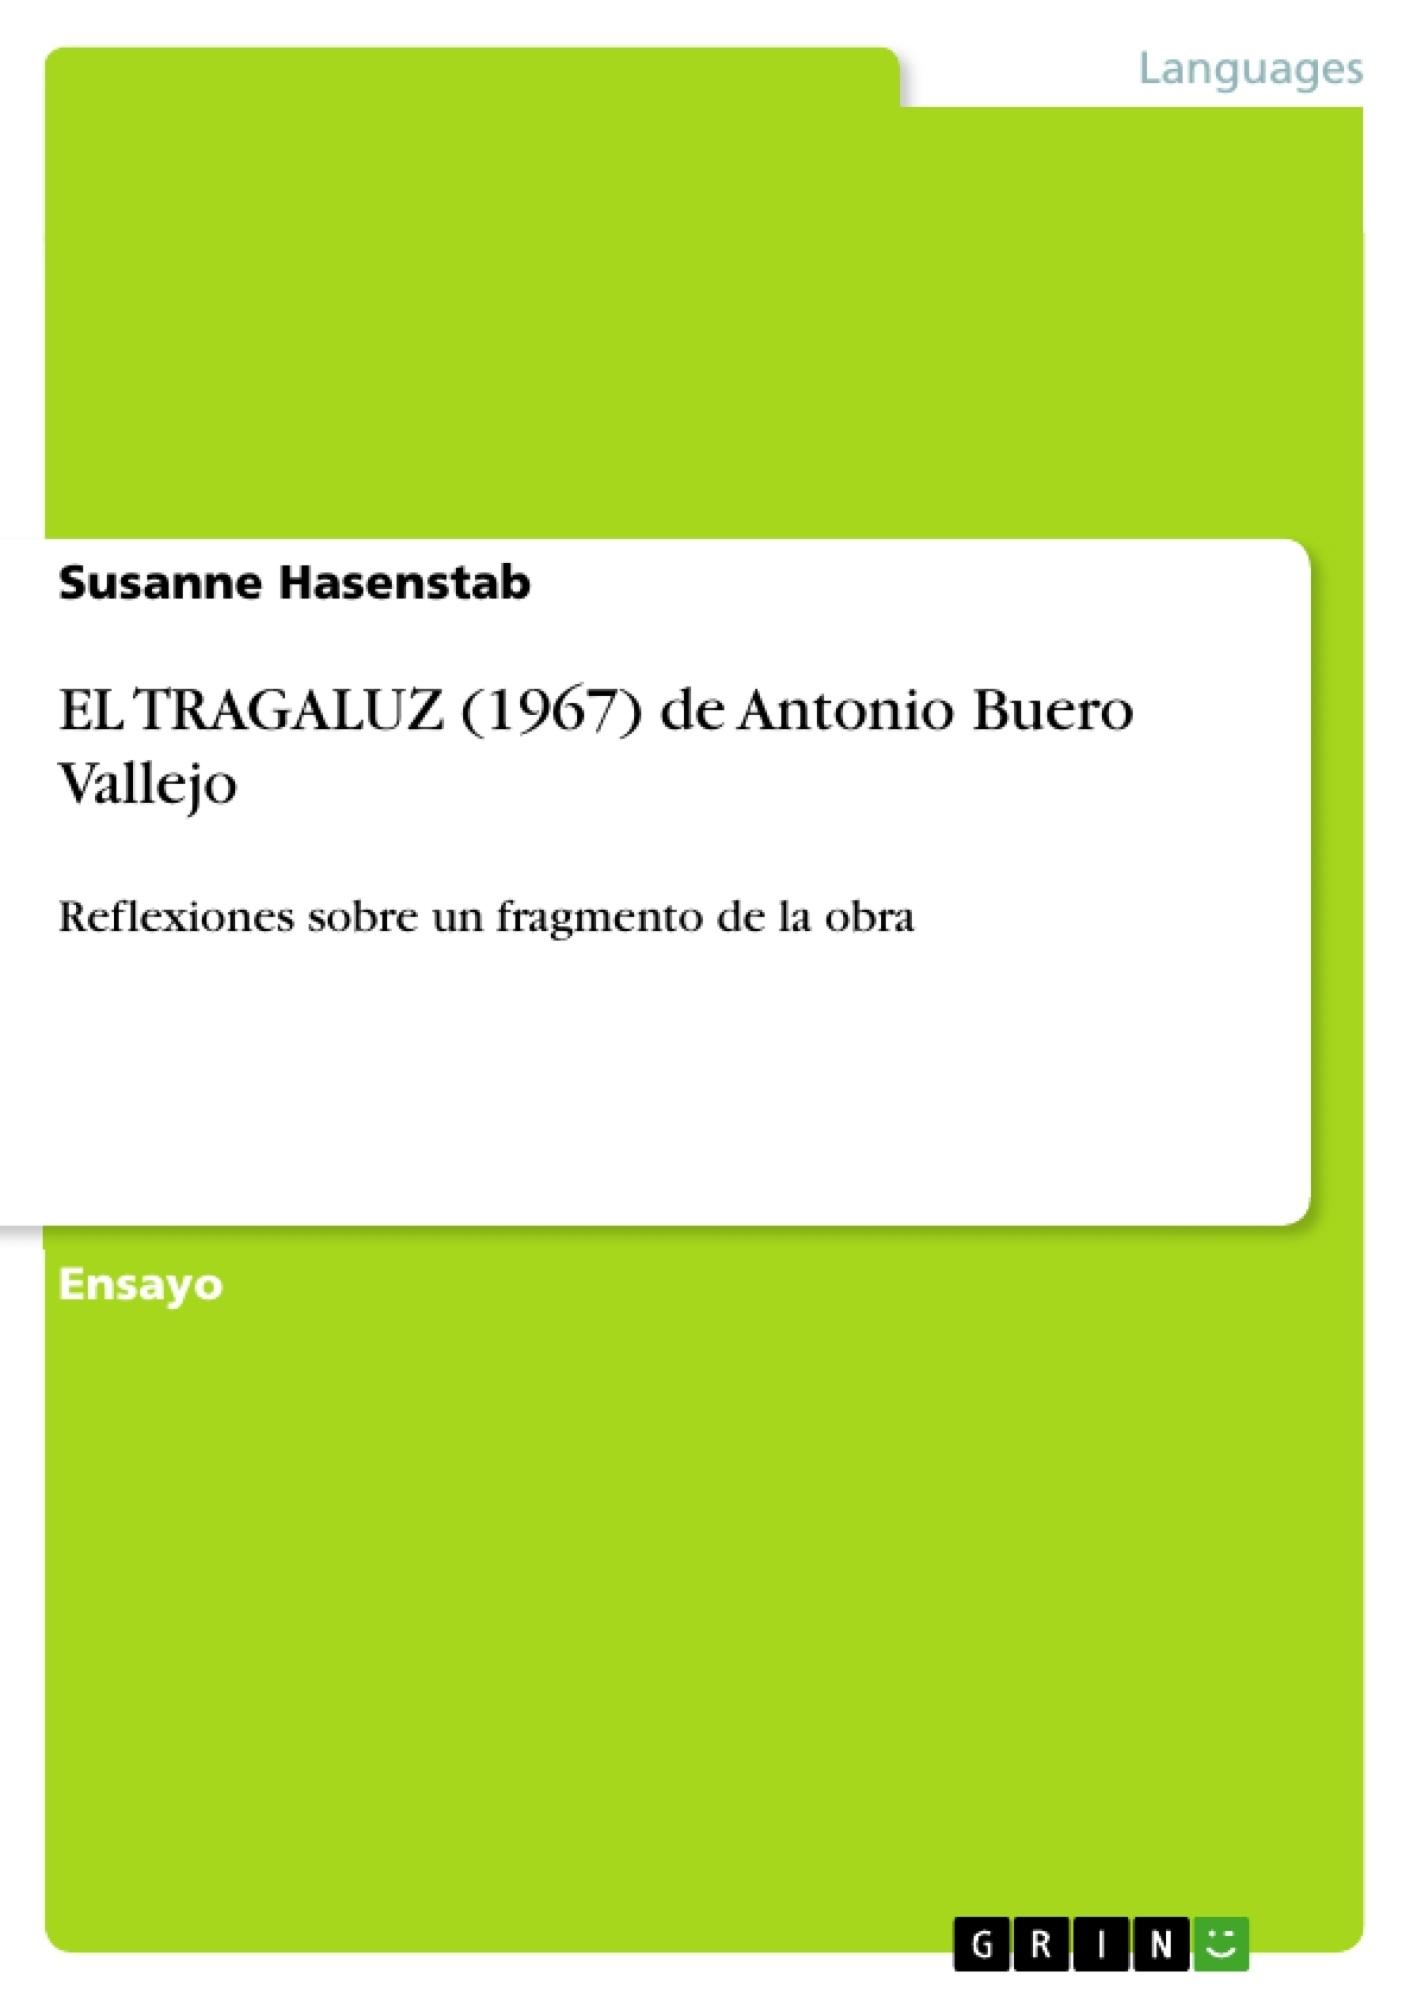 Título: EL TRAGALUZ (1967) de Antonio Buero Vallejo